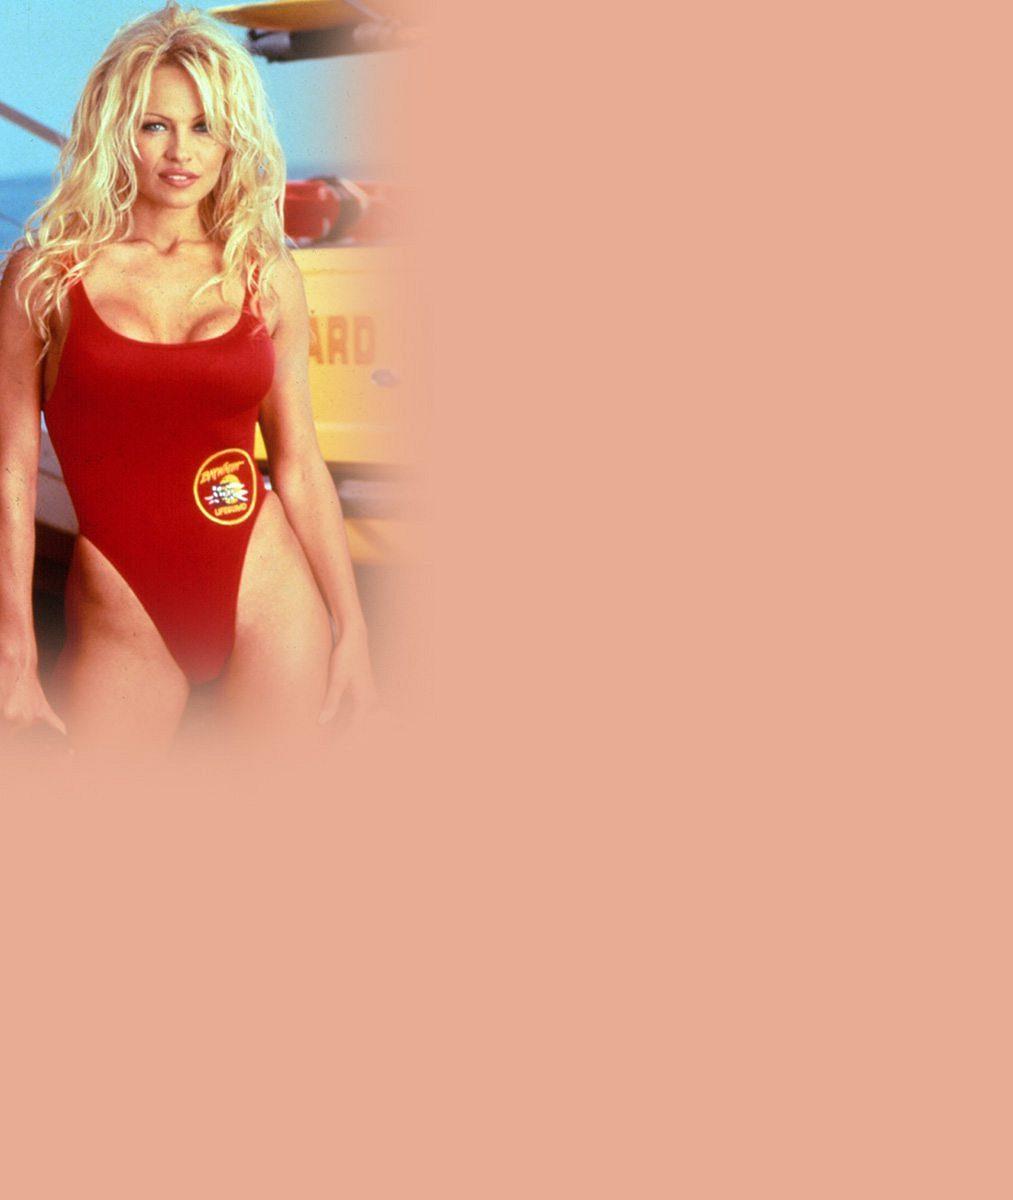 Ještě nepatří do starého železa: Pamela Anderson (48) ukázala stehýnka až k rozkroku